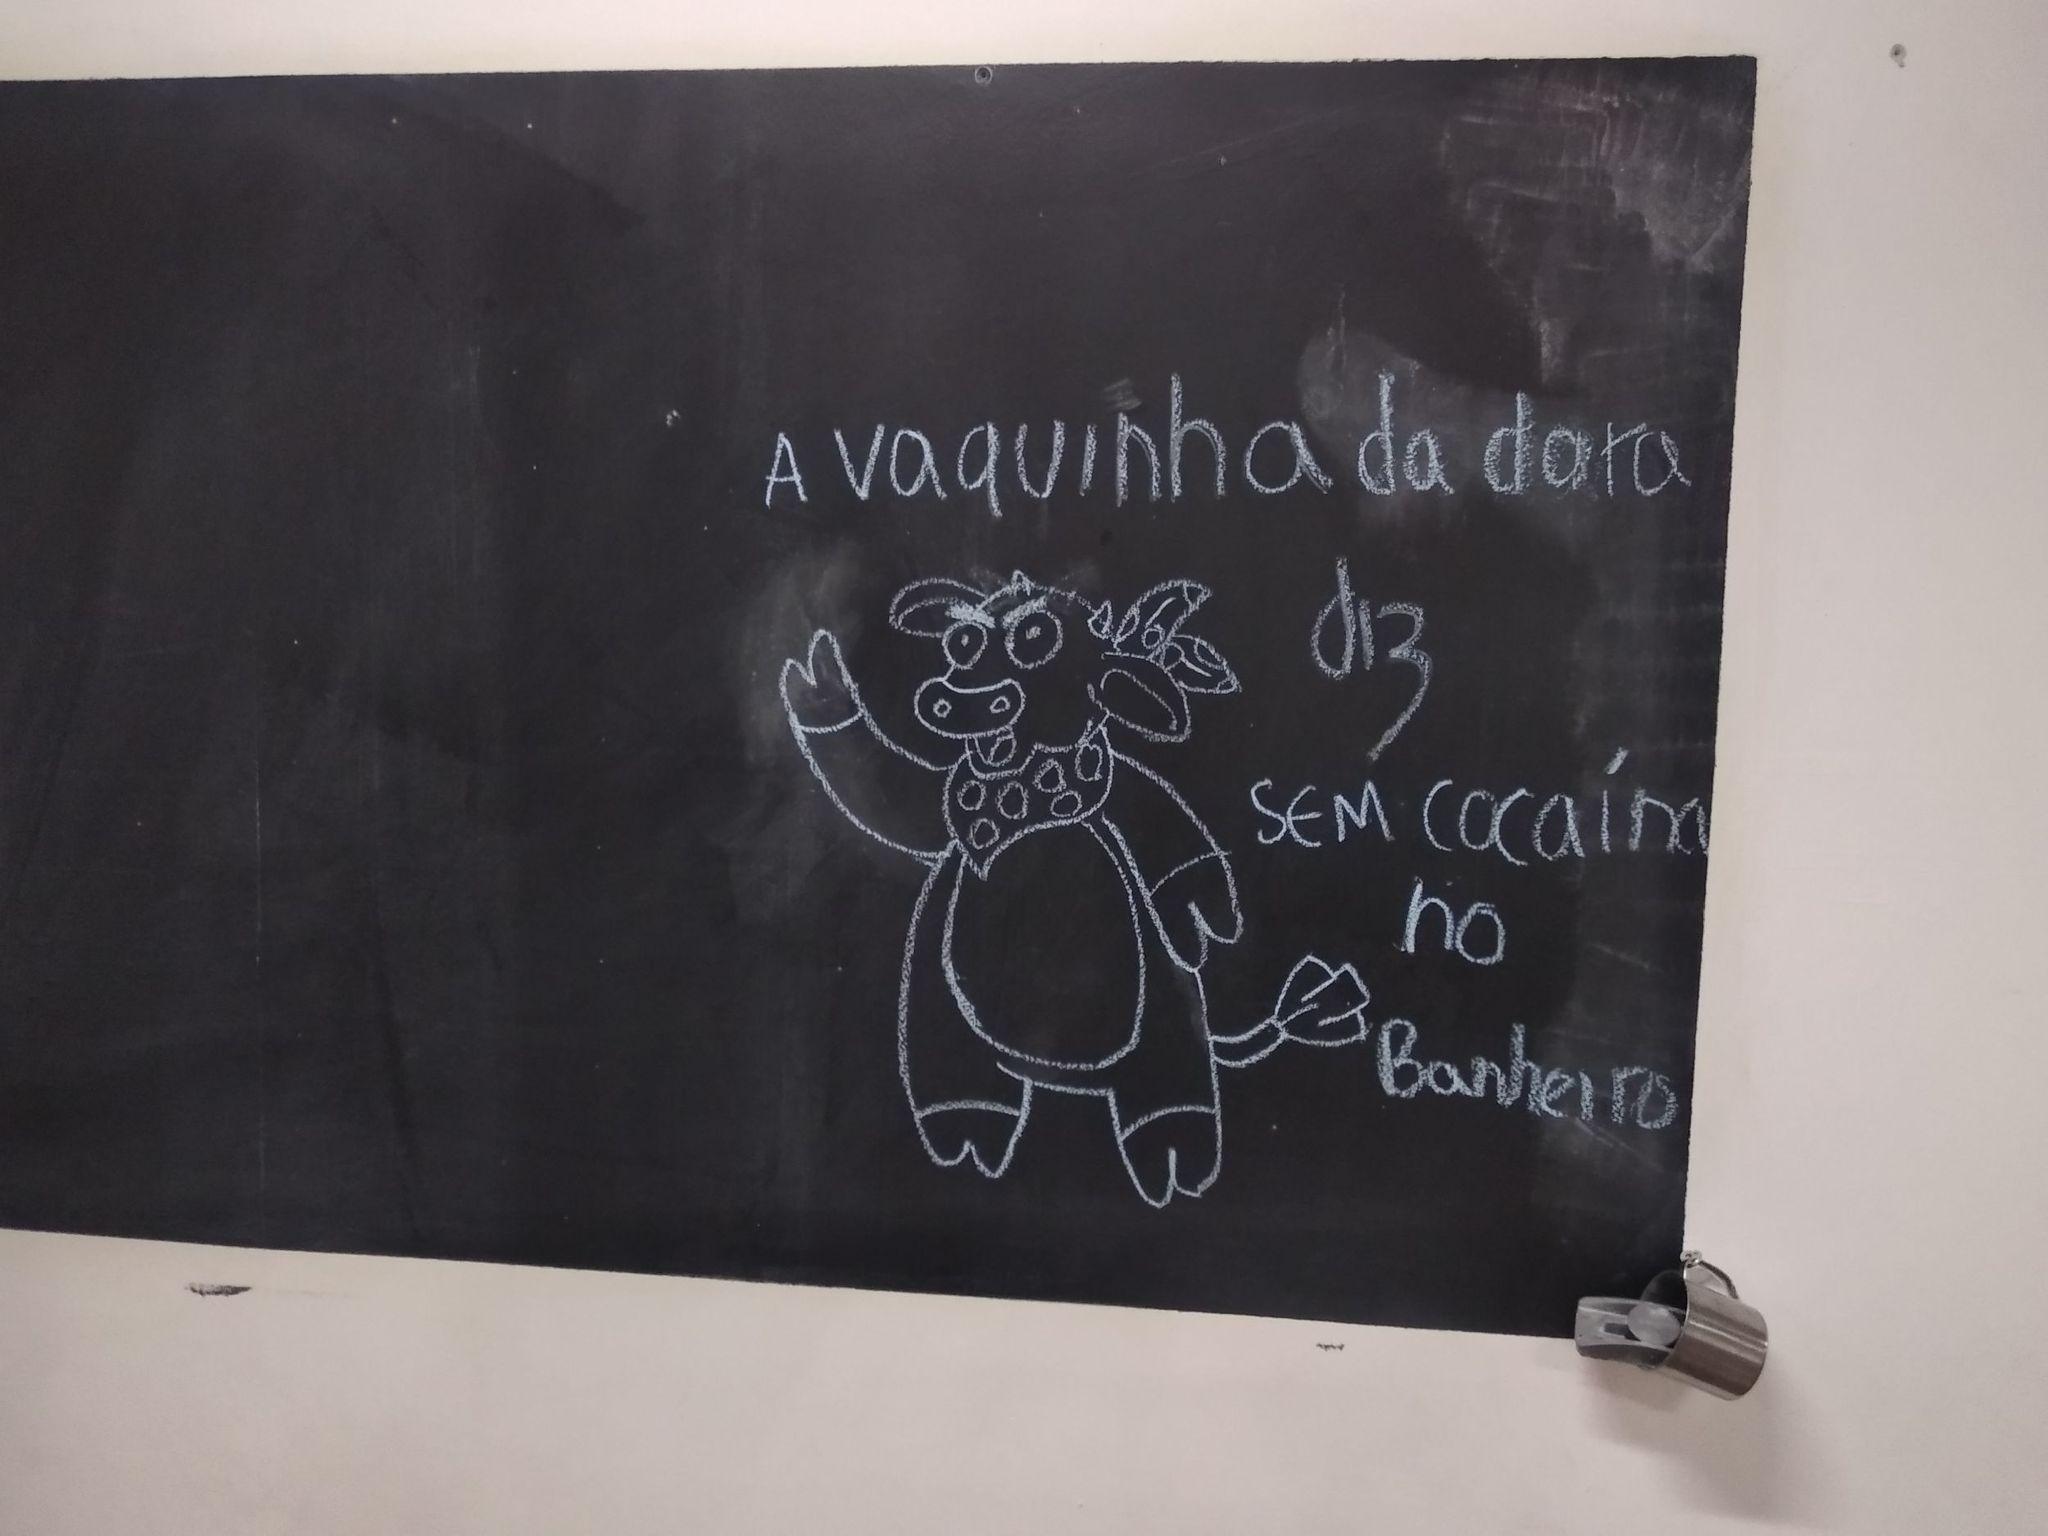 Nova pérola pro quadro do corredor da faculdade - meme